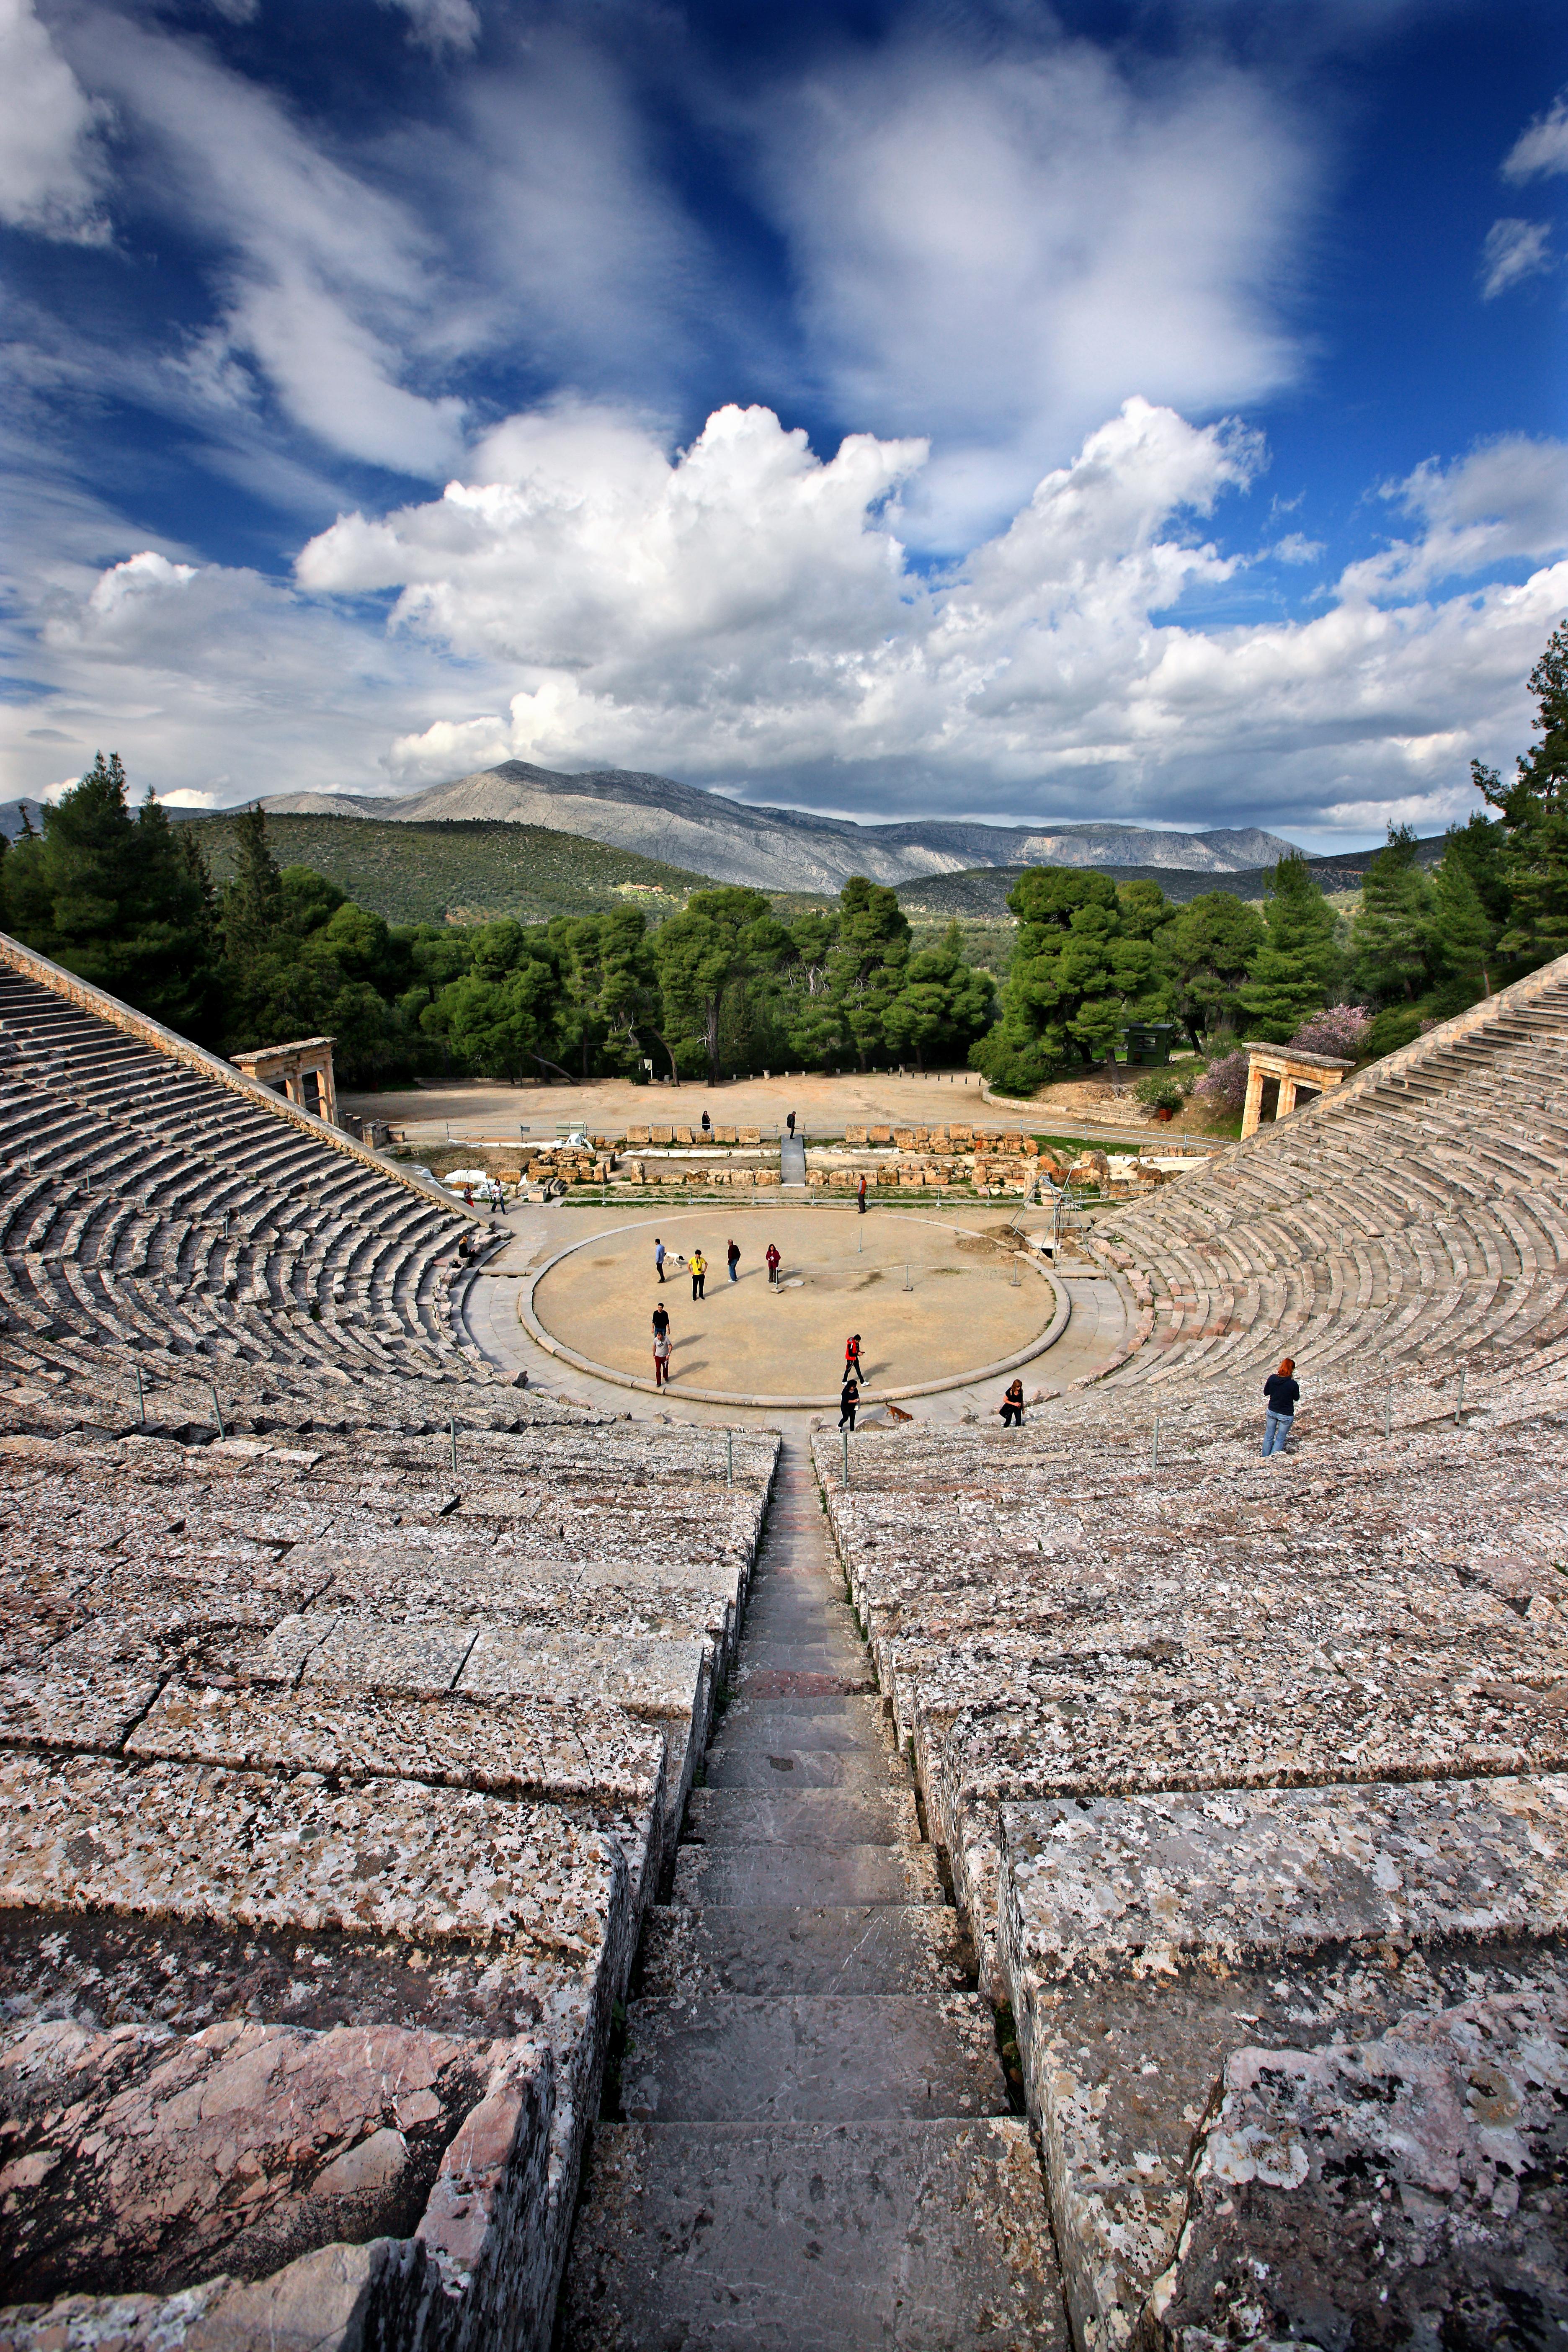 Epidaure est souvent considéré comme le berceau de la médecine moderne. Il s'agissait à l'origine d'un sanctuaire dédié au dieu de la médecine, Asclépios. © HERACLES KRITIKOS / Shutterstock